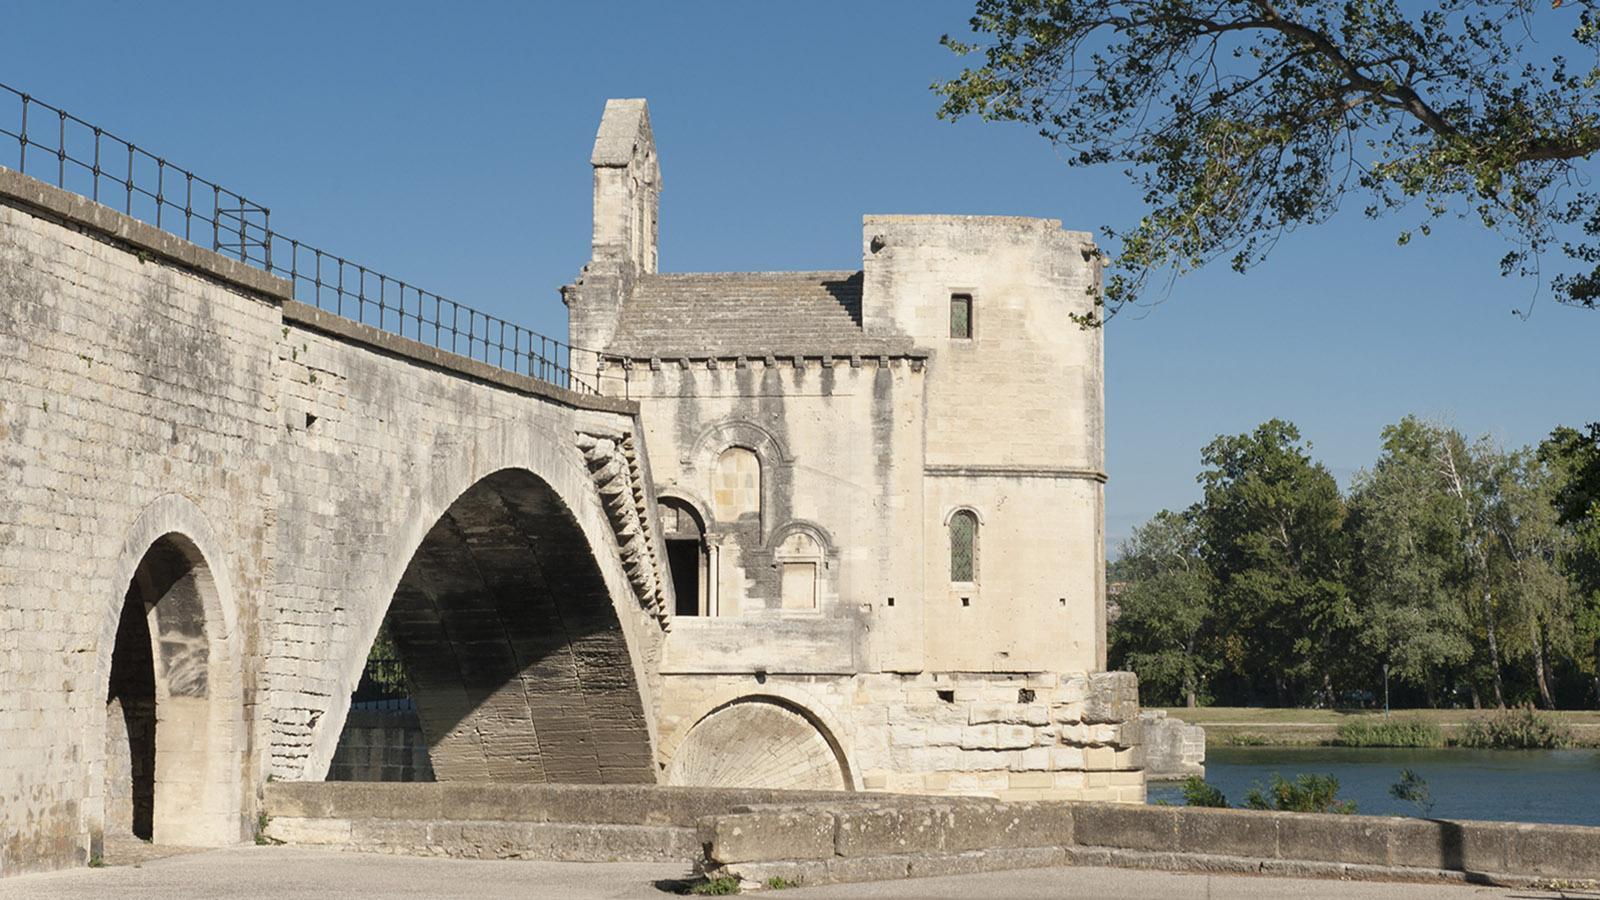 Die Bogenbrücke Pont Saint-Bénézet ist das Wahrzeichen von Avignon. Foto: Hilke Maunder